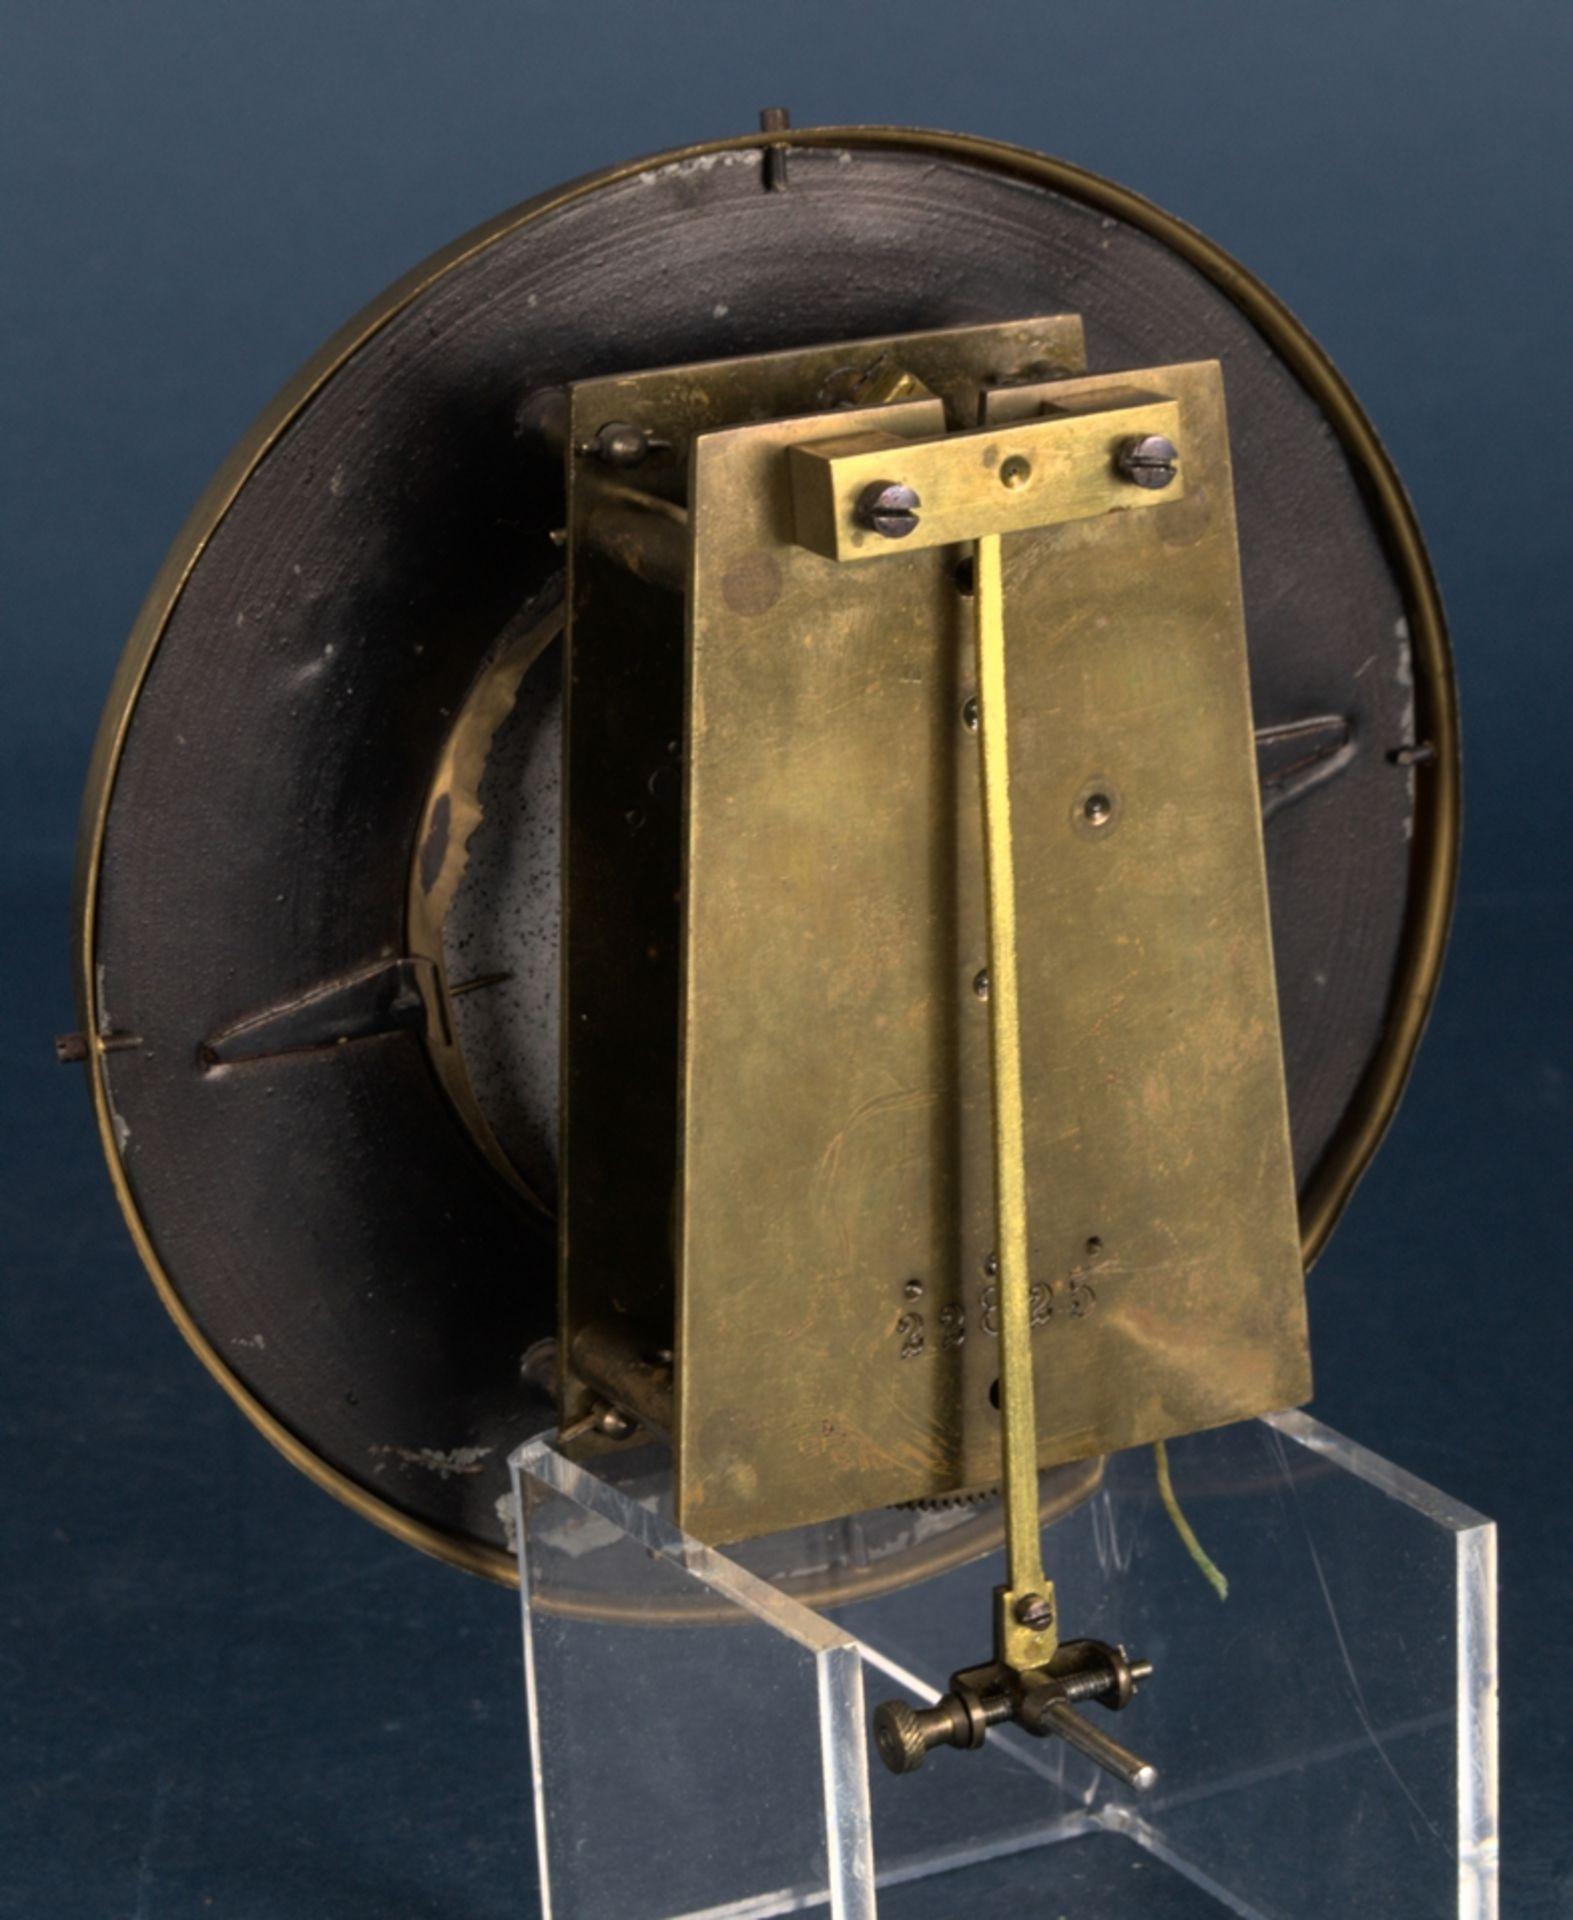 Wandregulator, eingewichtige, mechanische Wanduhr im Nussbaumgehäuse. Werk ungeprüft. Höhe ca. 95 - Bild 10 aus 19